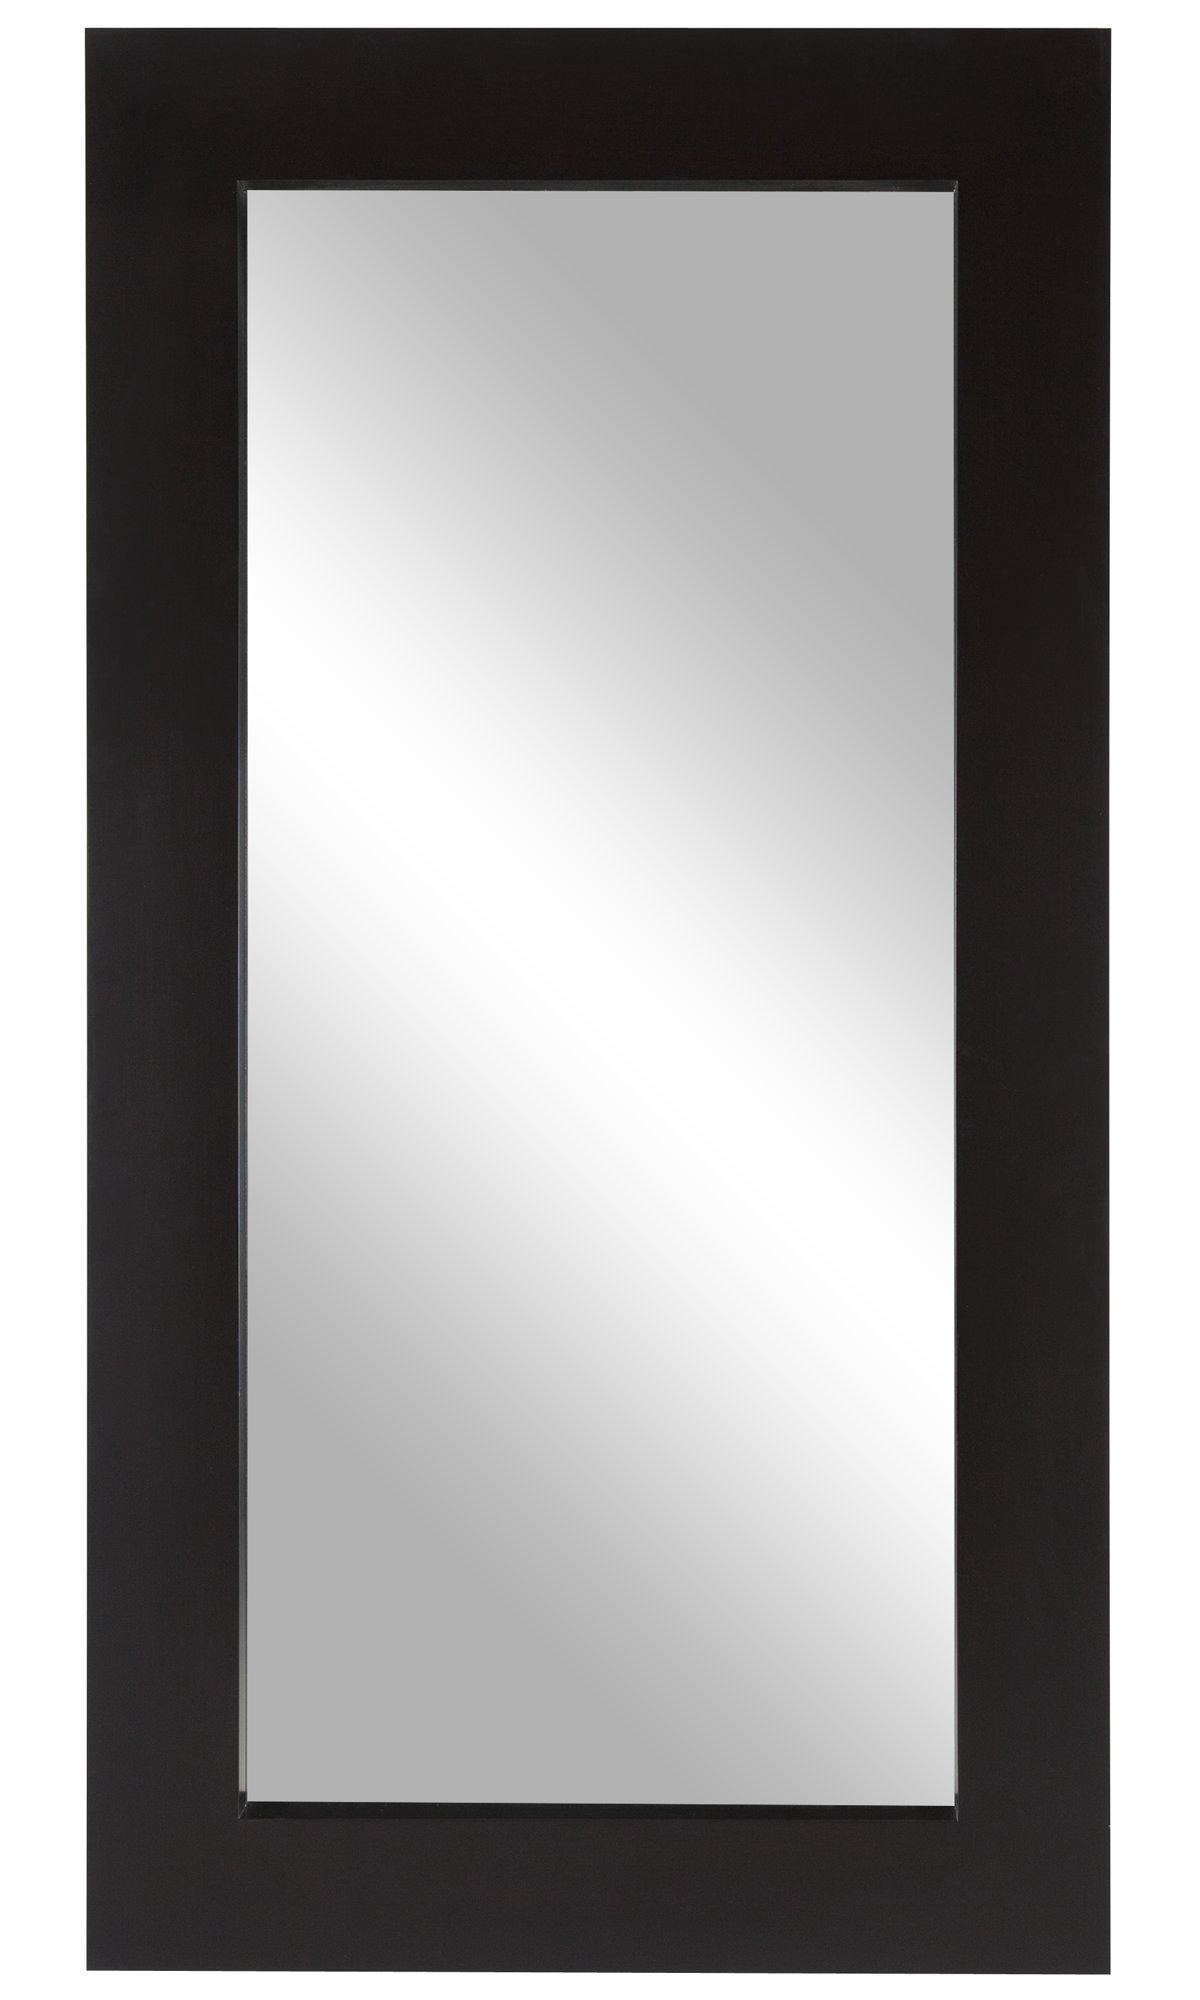 Meesha Dark Brown Floor Mirror